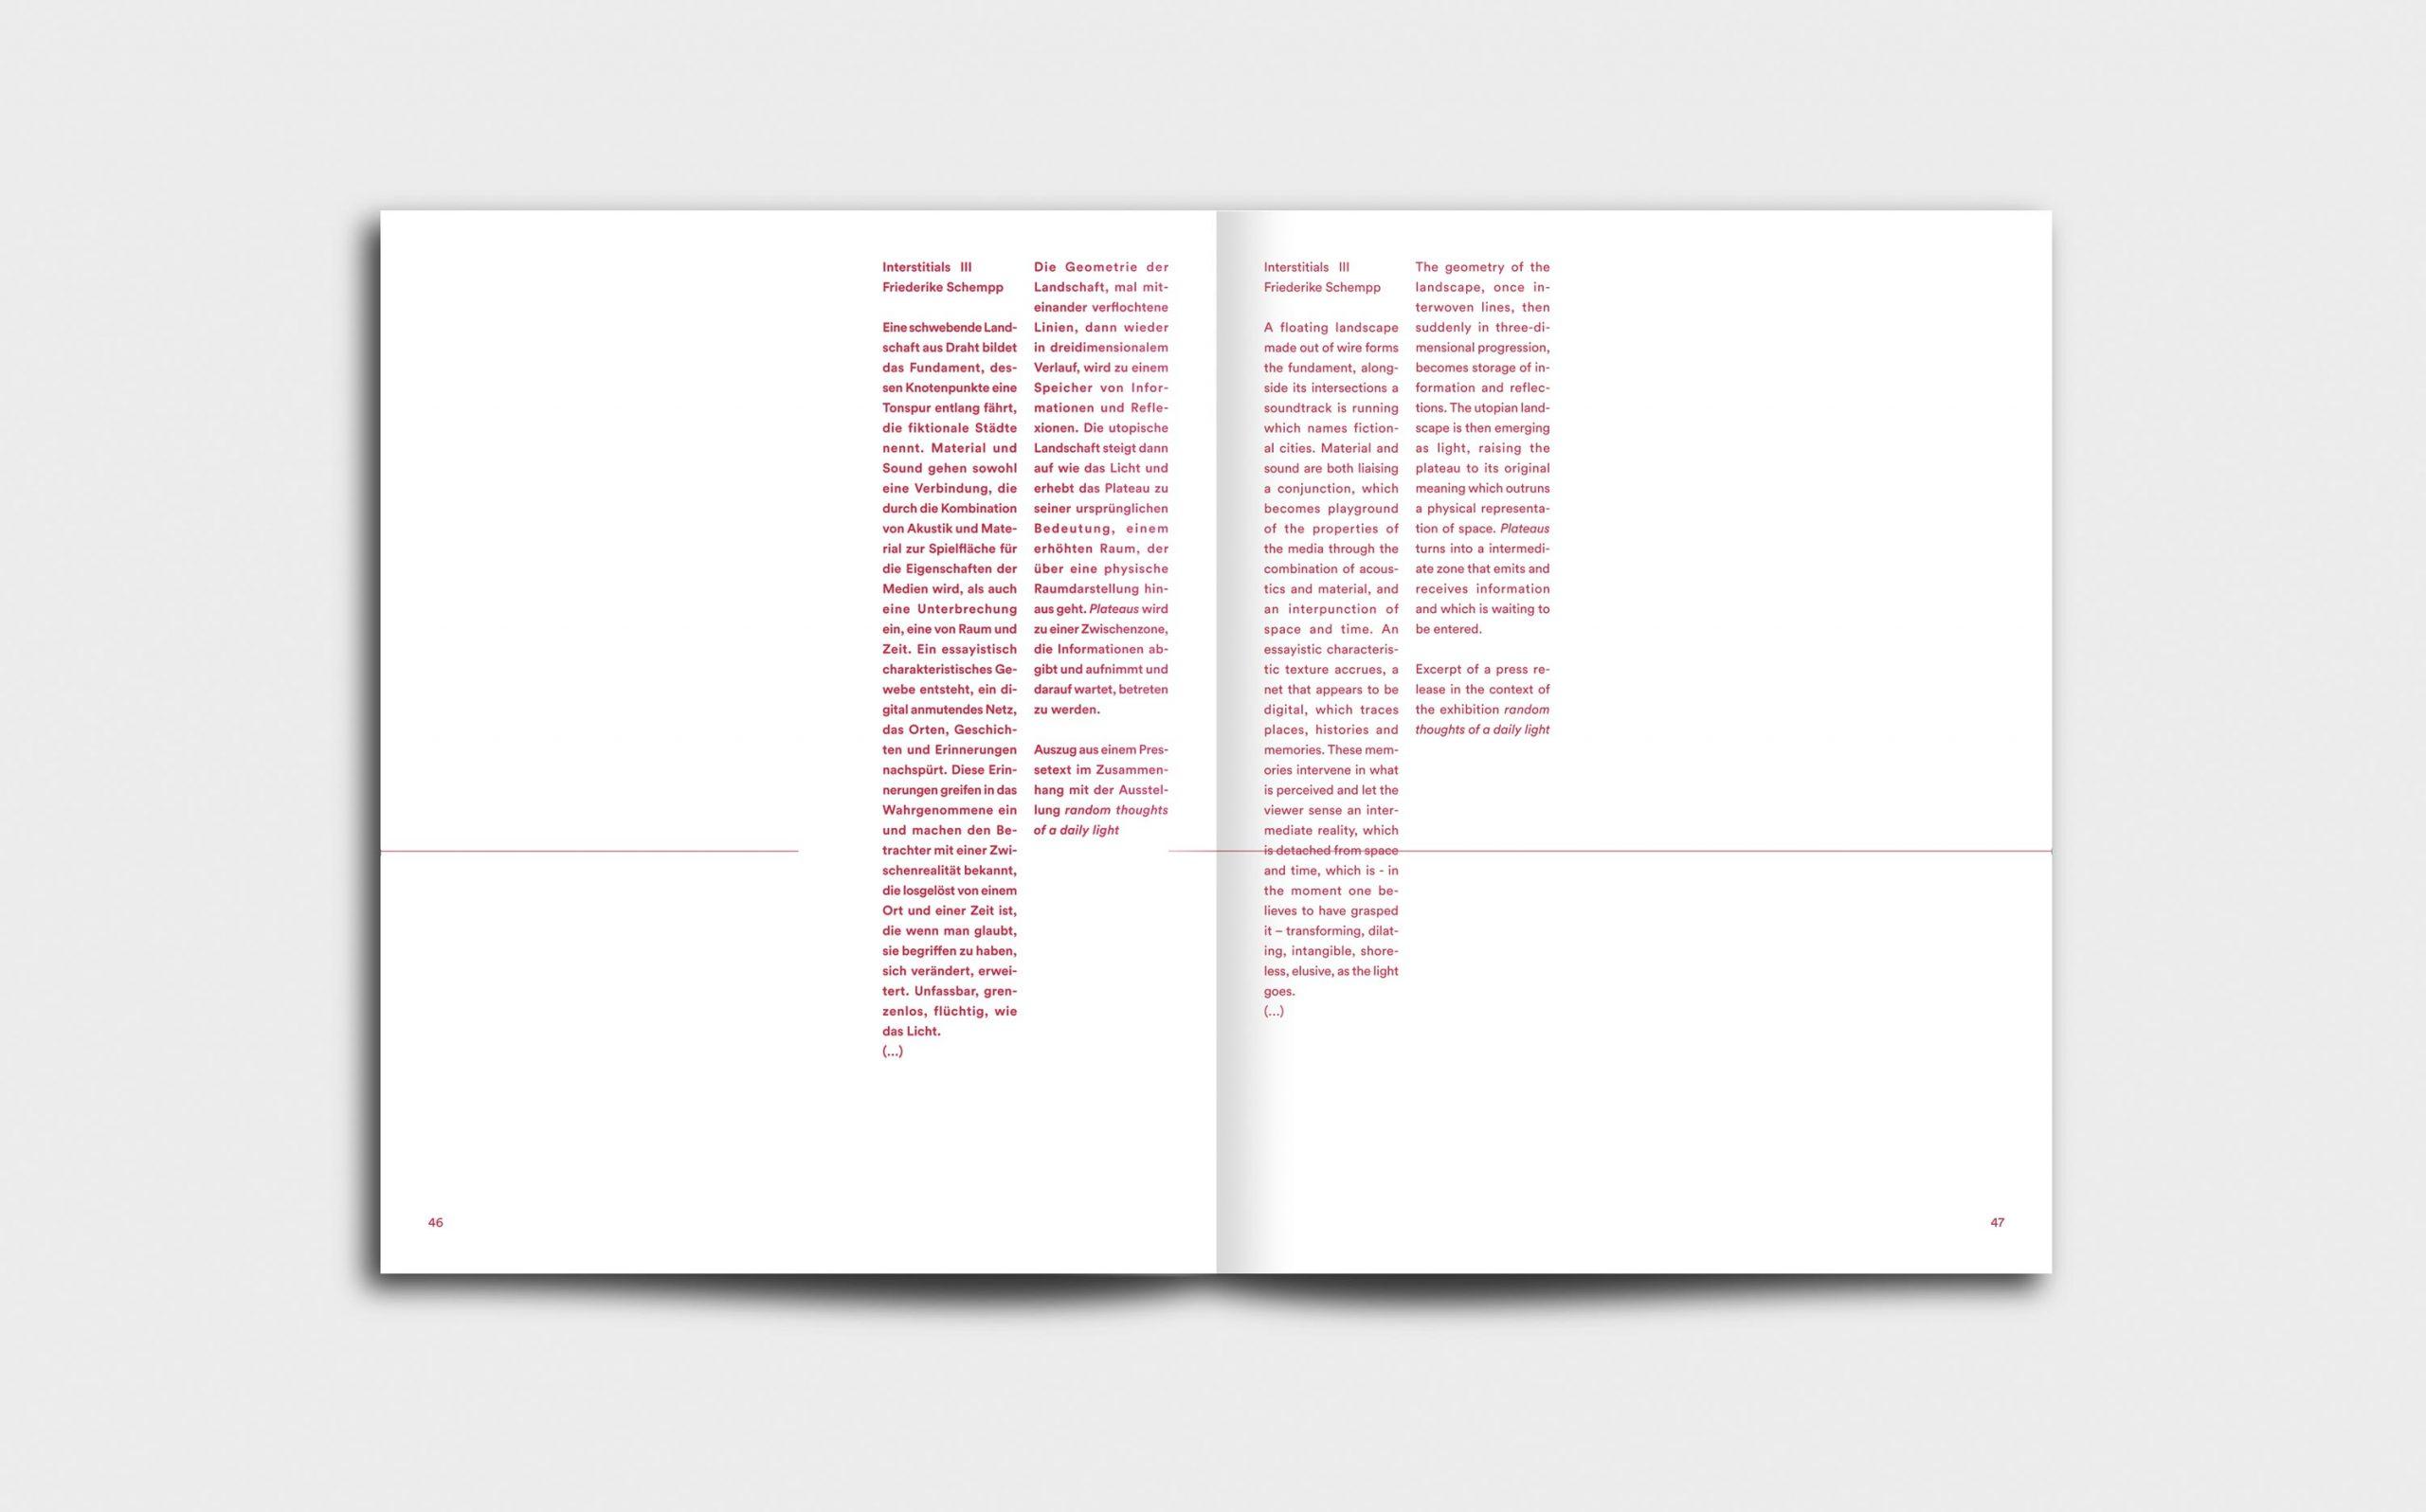 Juliana Herrero – REM 1:1 | Doppelseite mit Interstitials in roter Marginaltypografie | Keywords: Editorial Design, Artist Book, Künstlerbuch, Buchgestaltung, Grafikdesign, Design, Typografie